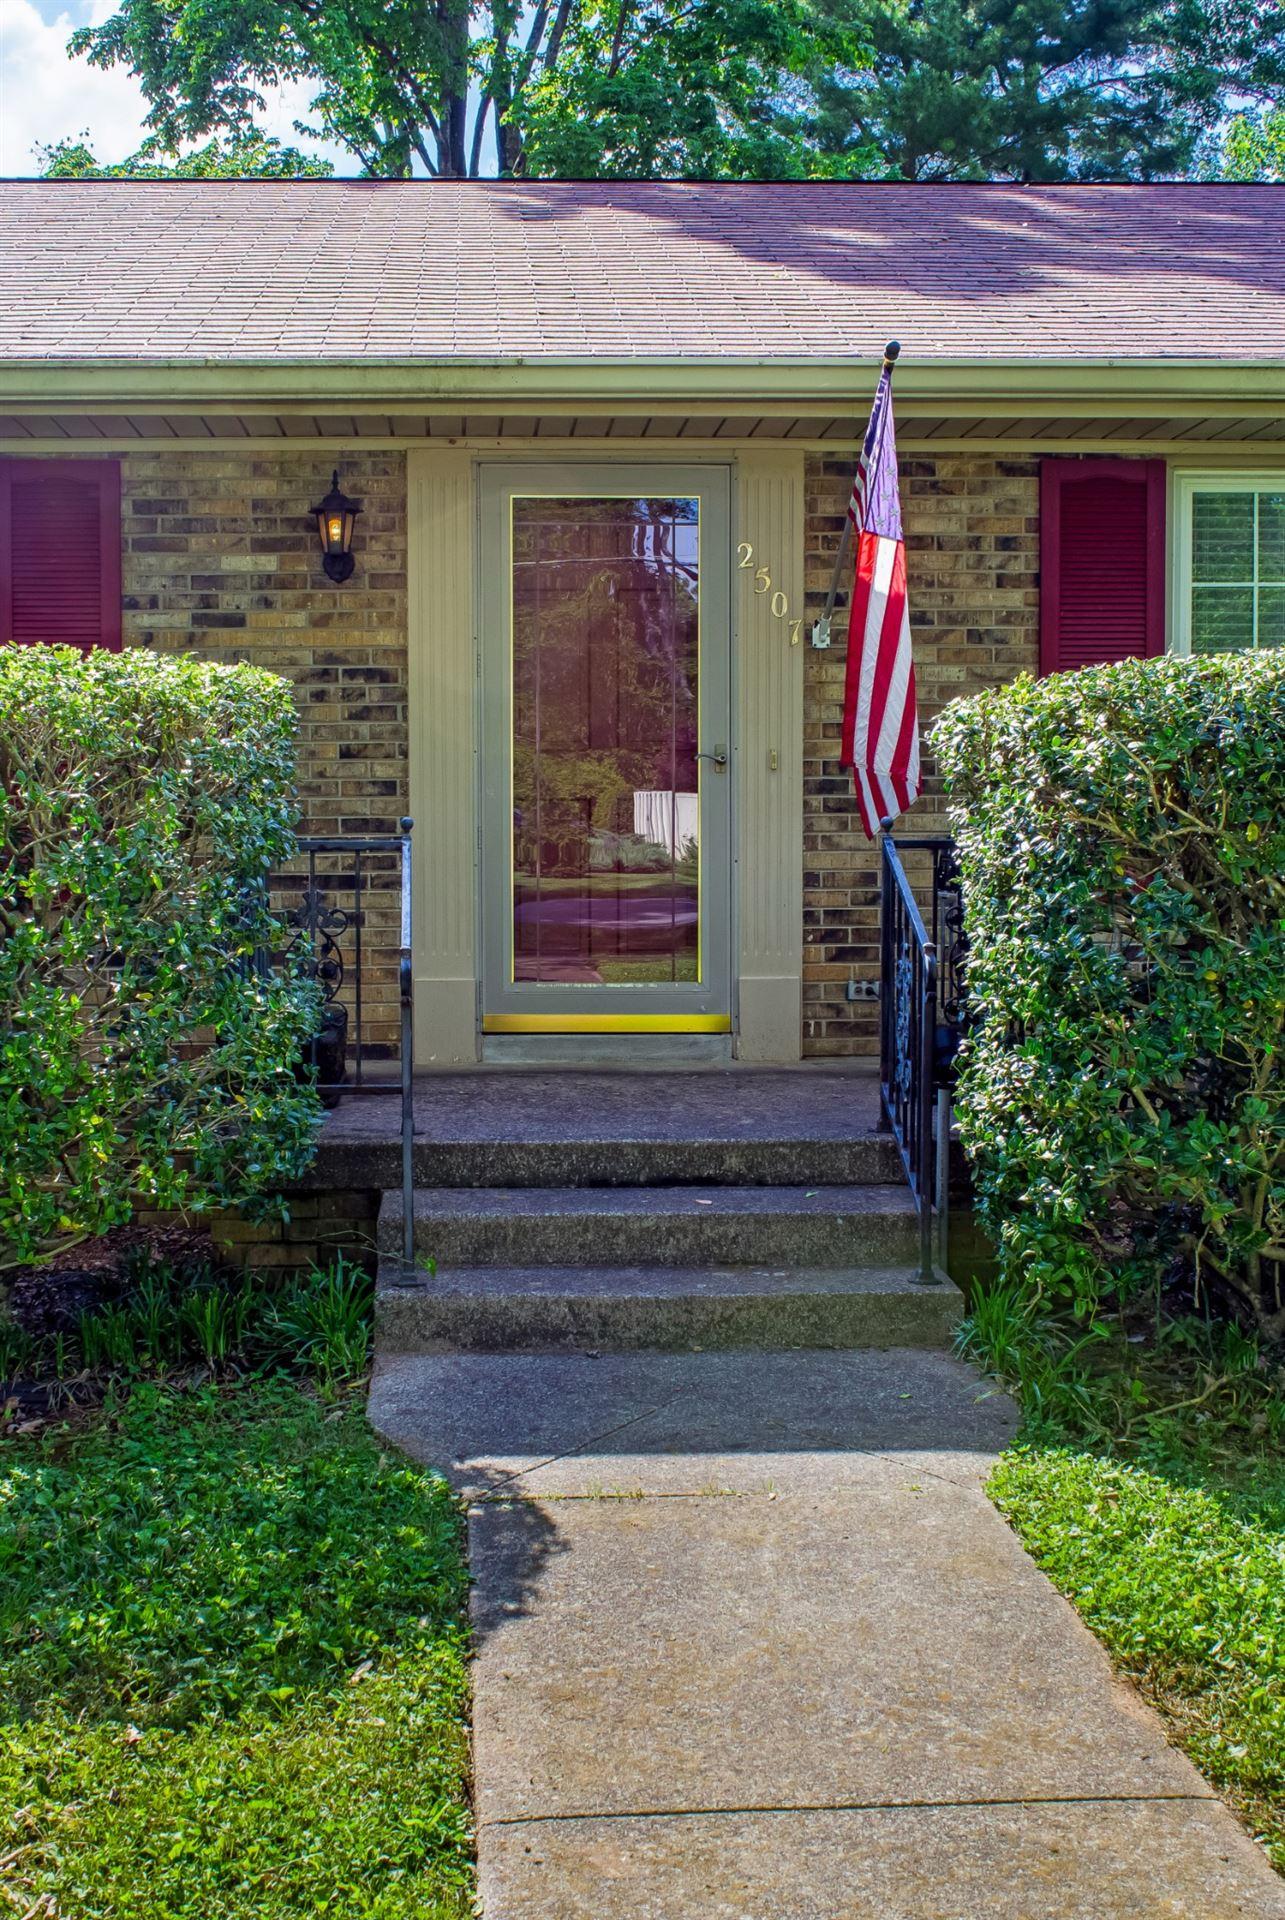 Photo of 2507 Gilbert St, Murfreesboro, TN 37129 (MLS # 2250052)